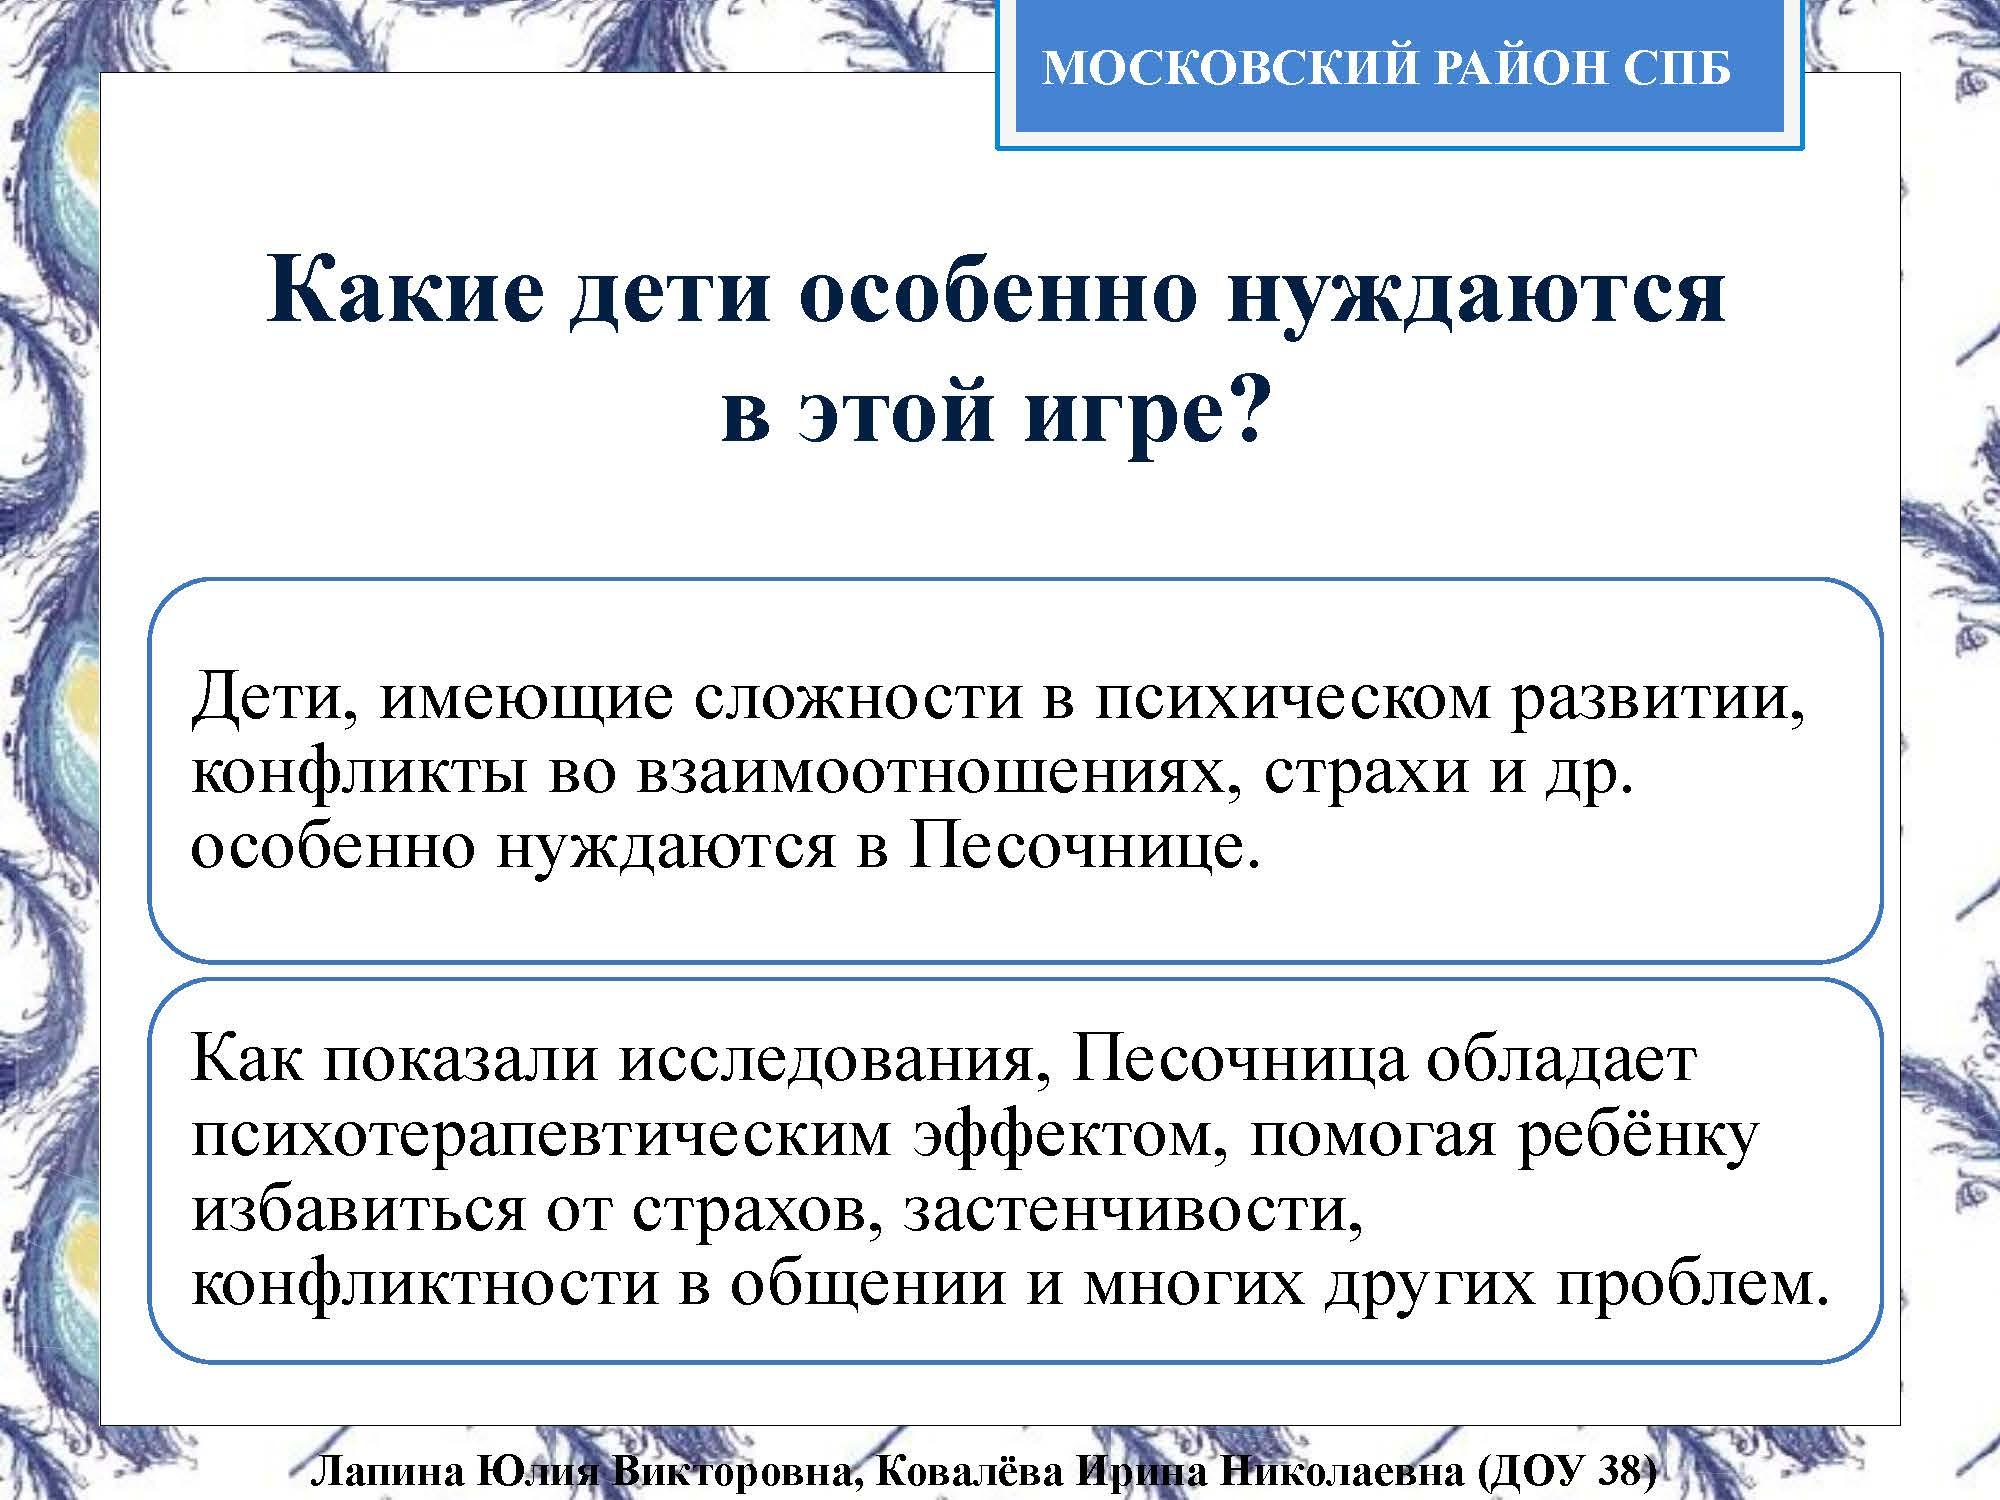 Секция 8. ДОУ 38, Московский район_Страница_19